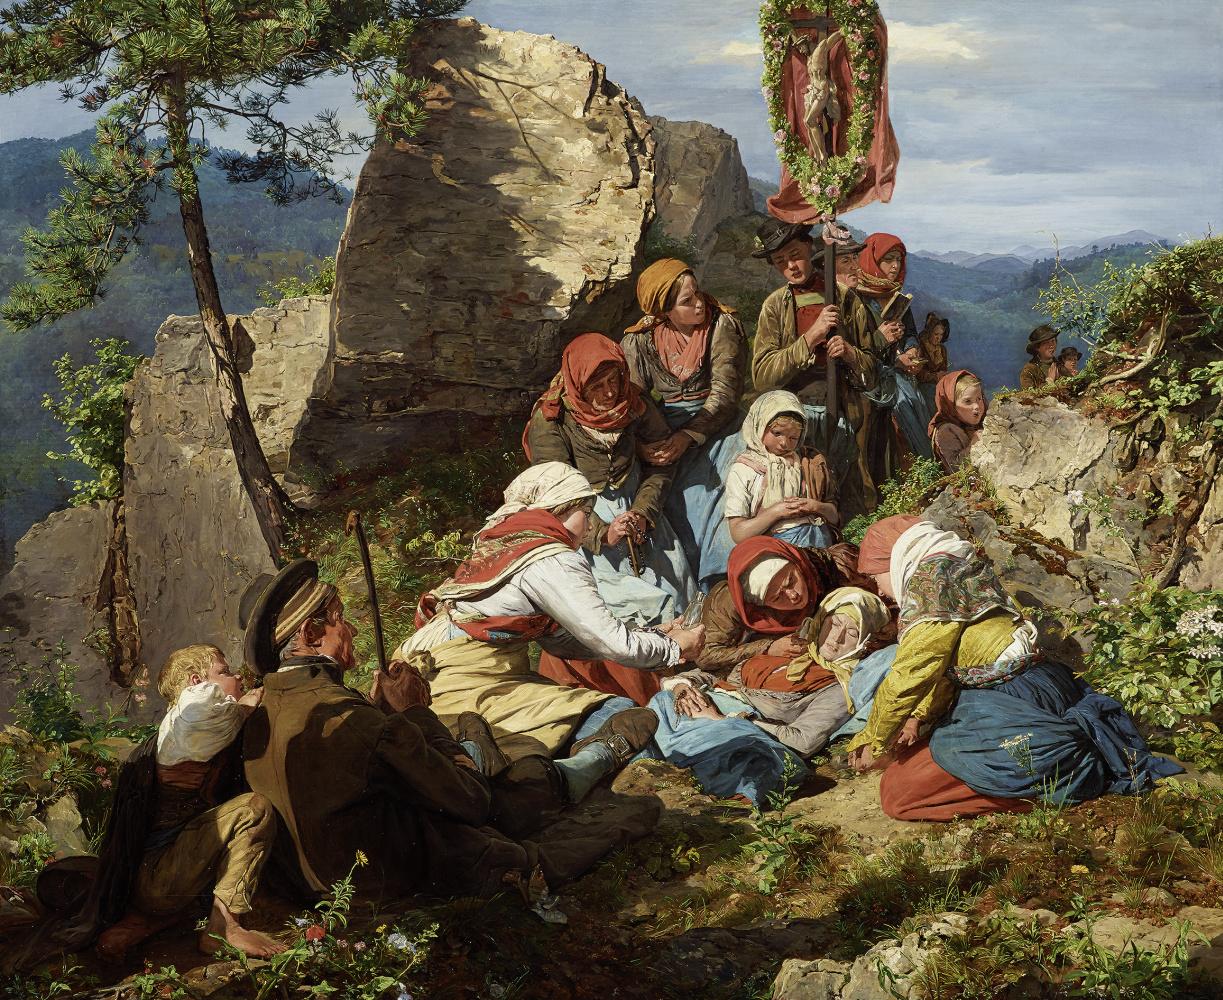 Фердинанд Георг Вальдмюллер. Прерванное паломничество (Больная паломница)